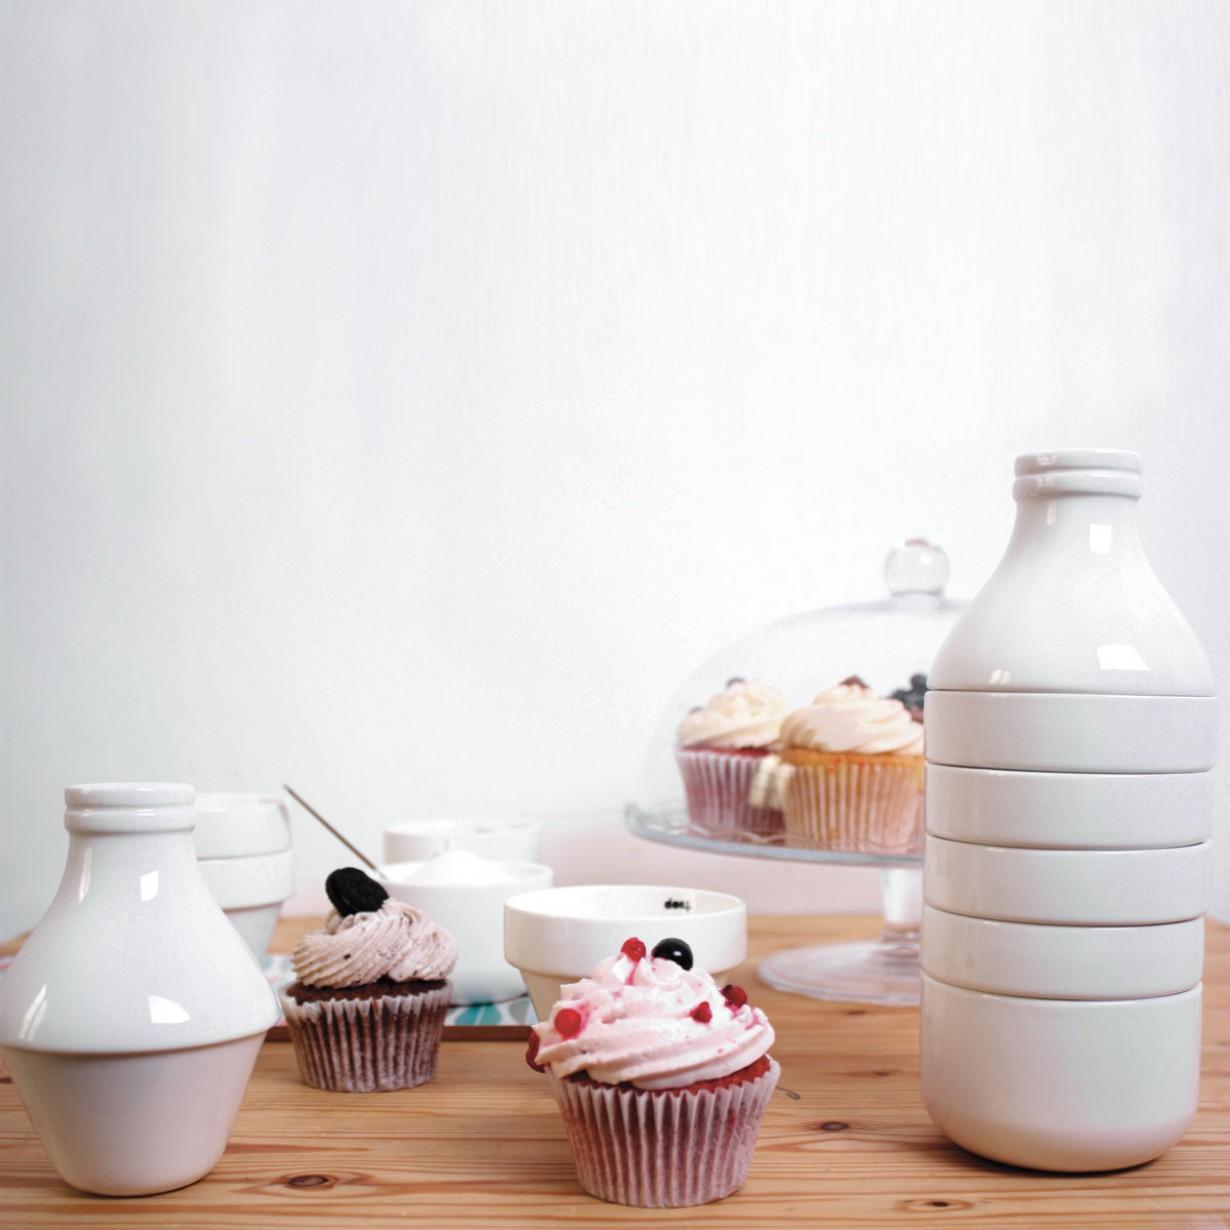 doiy-with-milk-kaffee-teeservice-0bb